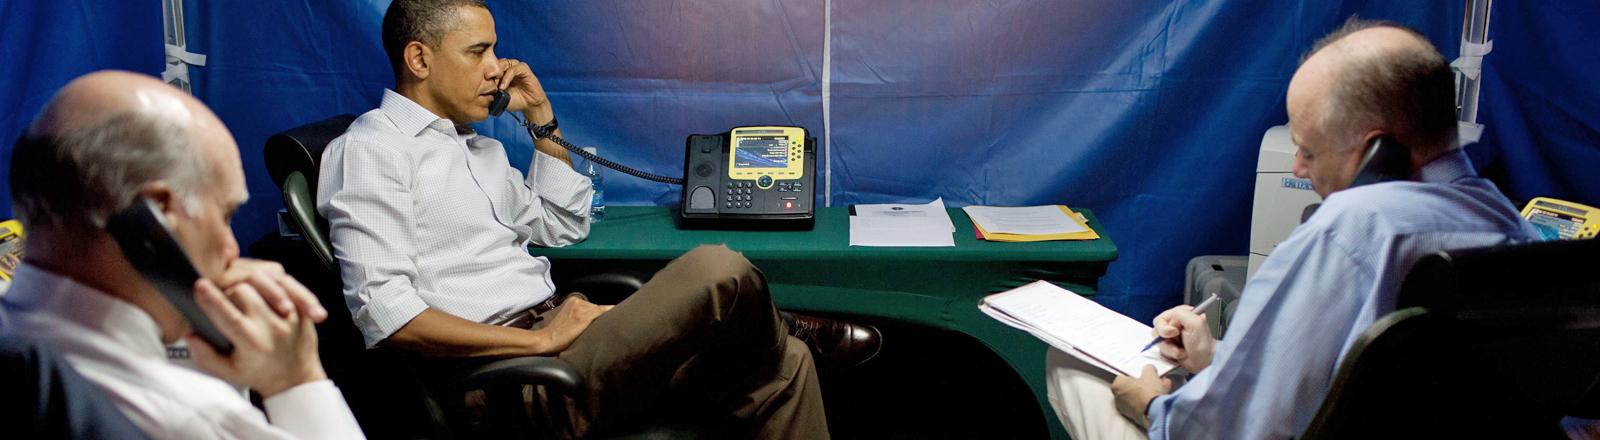 US-Präsident Barack Obama sitzt in seinem abhörsicheren Zelt und telefoniert.